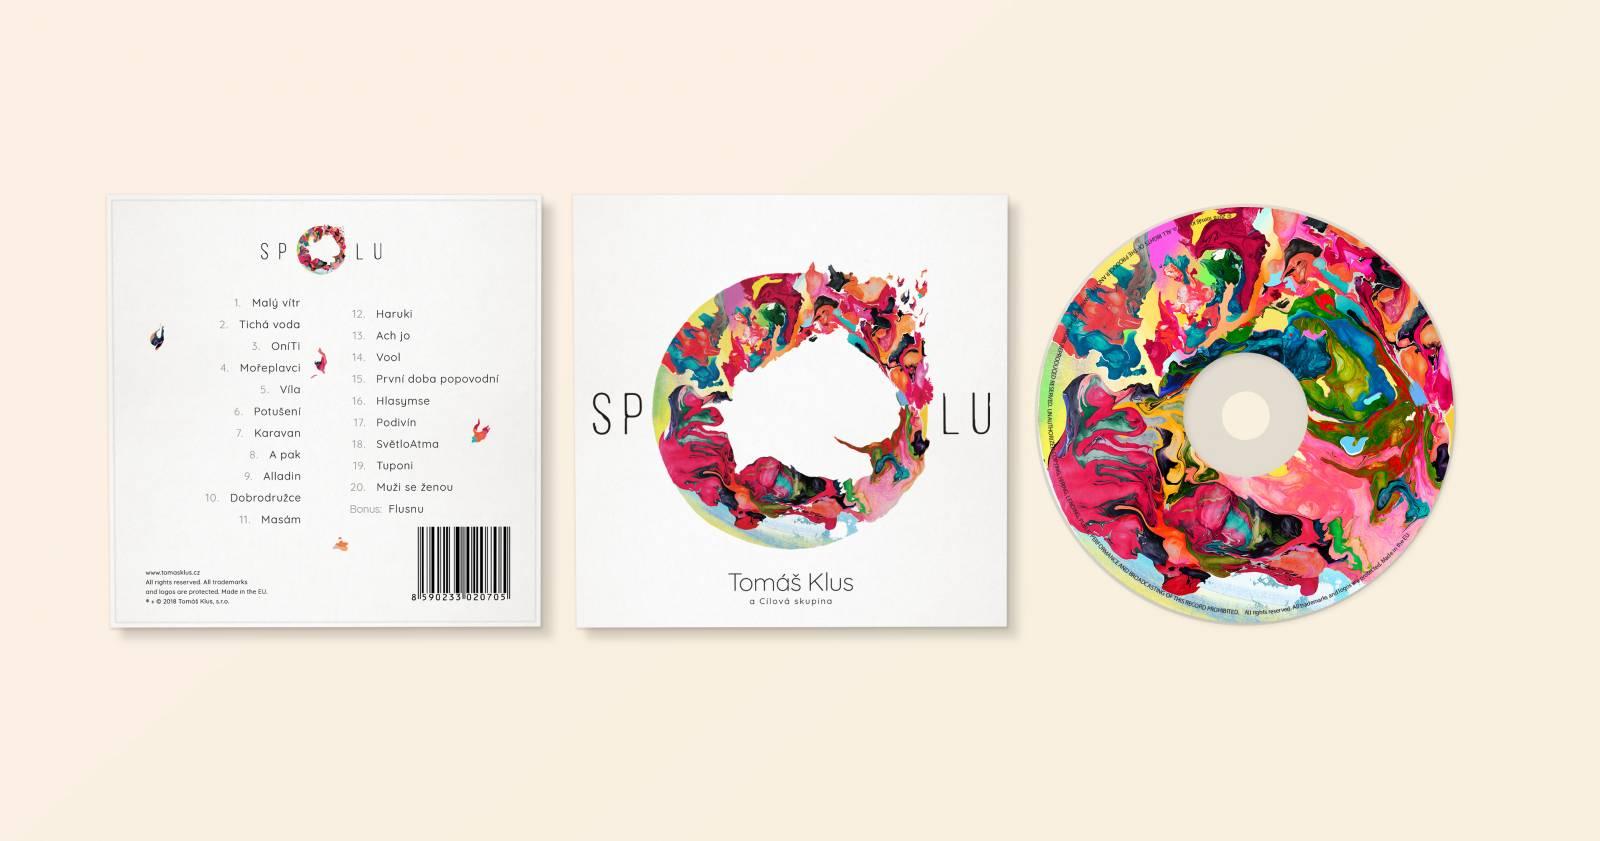 Tomáš Klus věnuje nové album SpOlu lásce ve všech podobách. Zpívá rock, folk i hospodskou odrhovačku